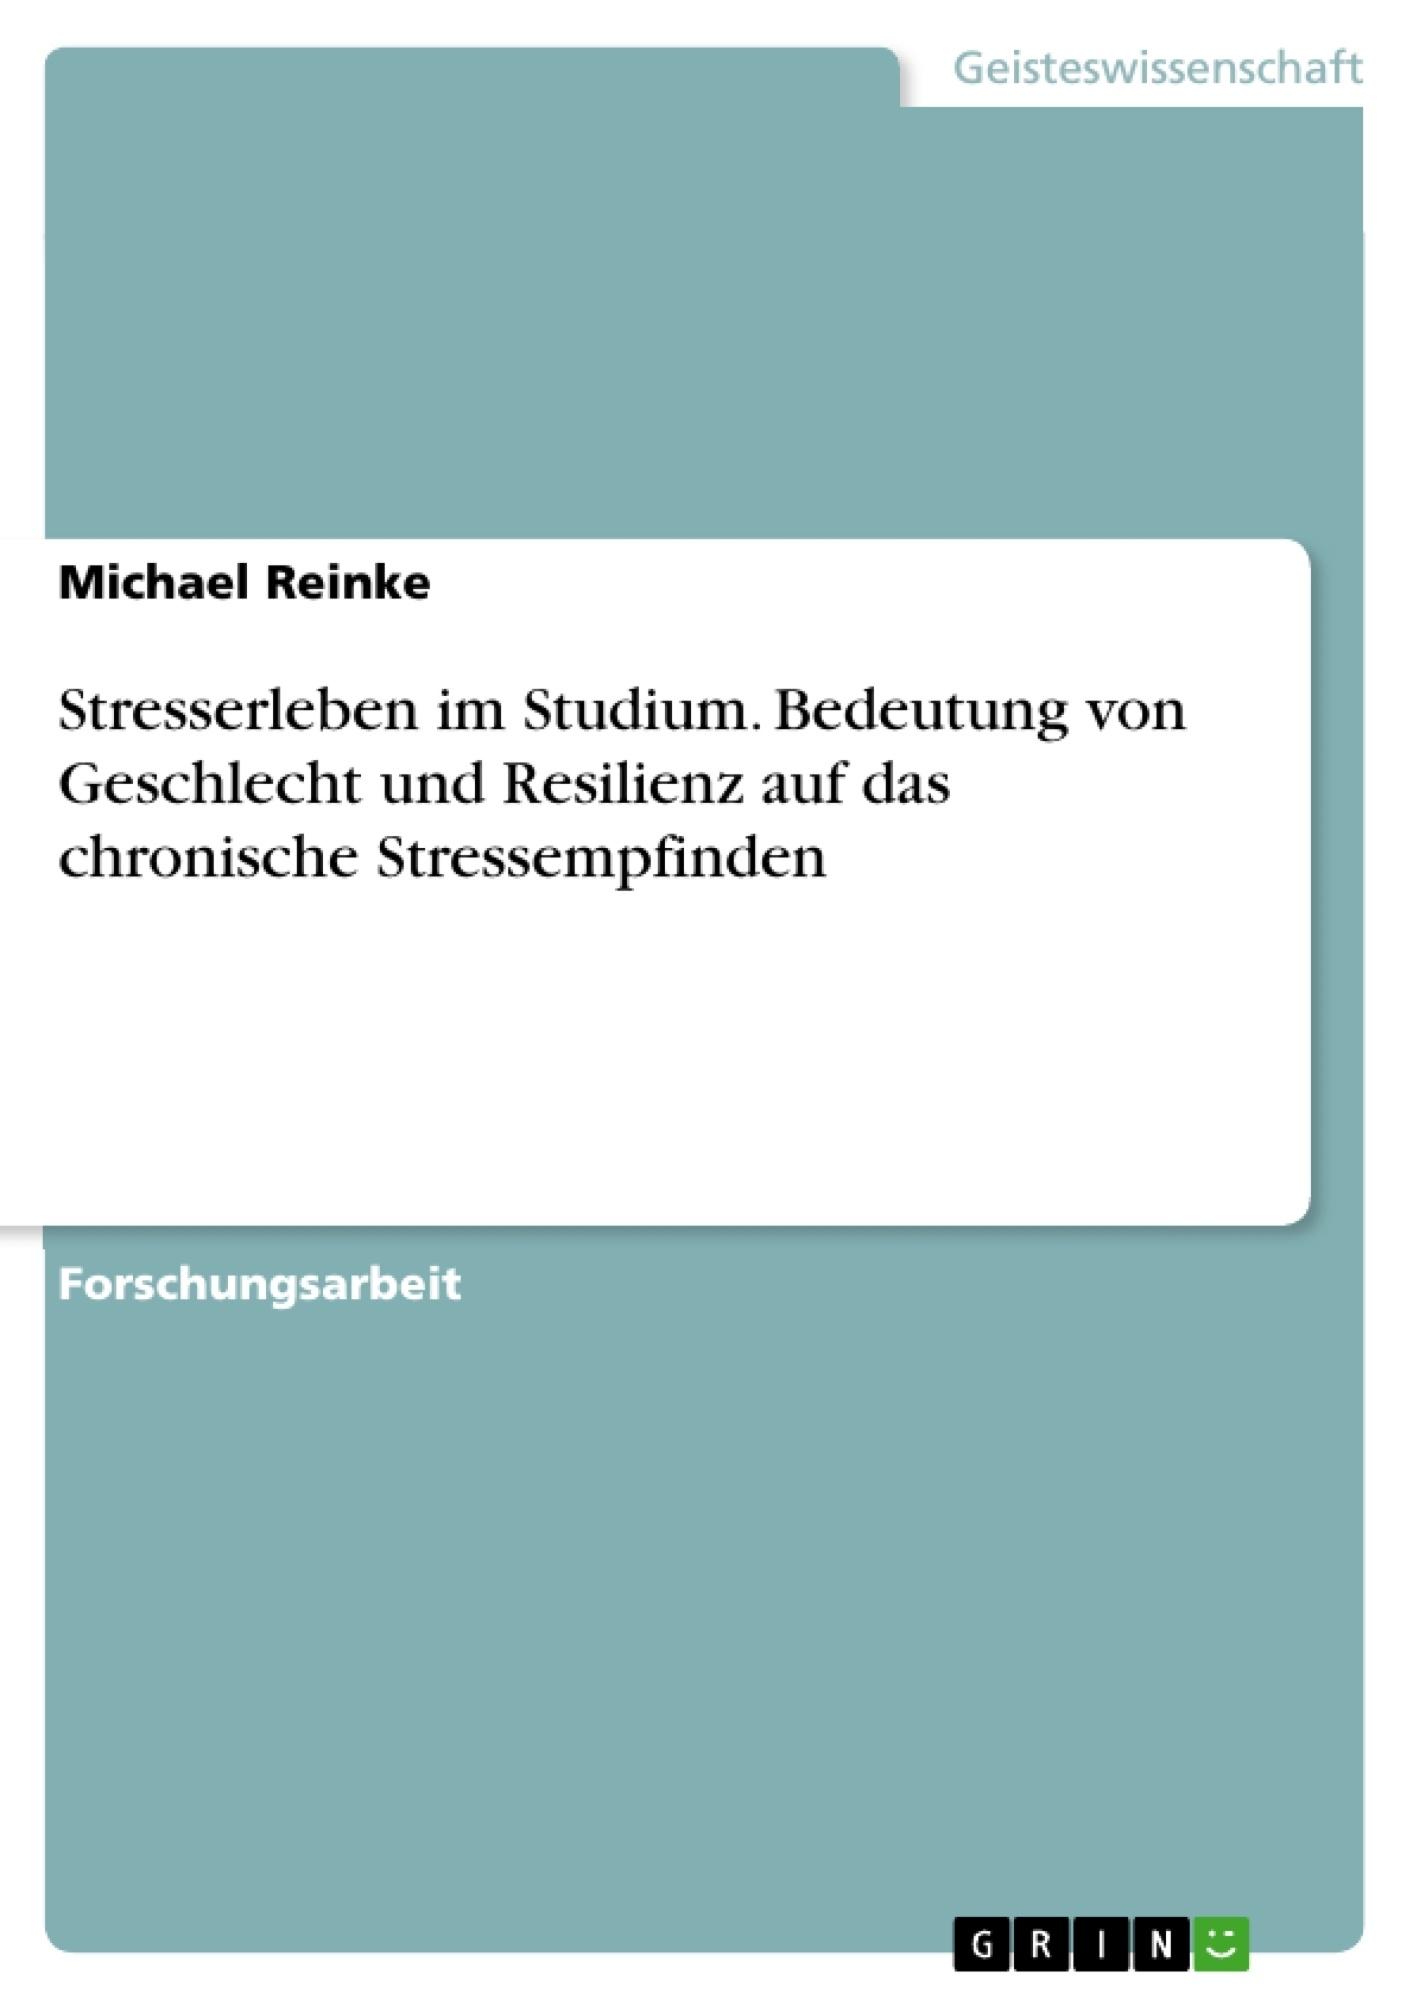 Titel: Stresserleben im Studium. Bedeutung von Geschlecht und Resilienz auf das chronische Stressempfinden